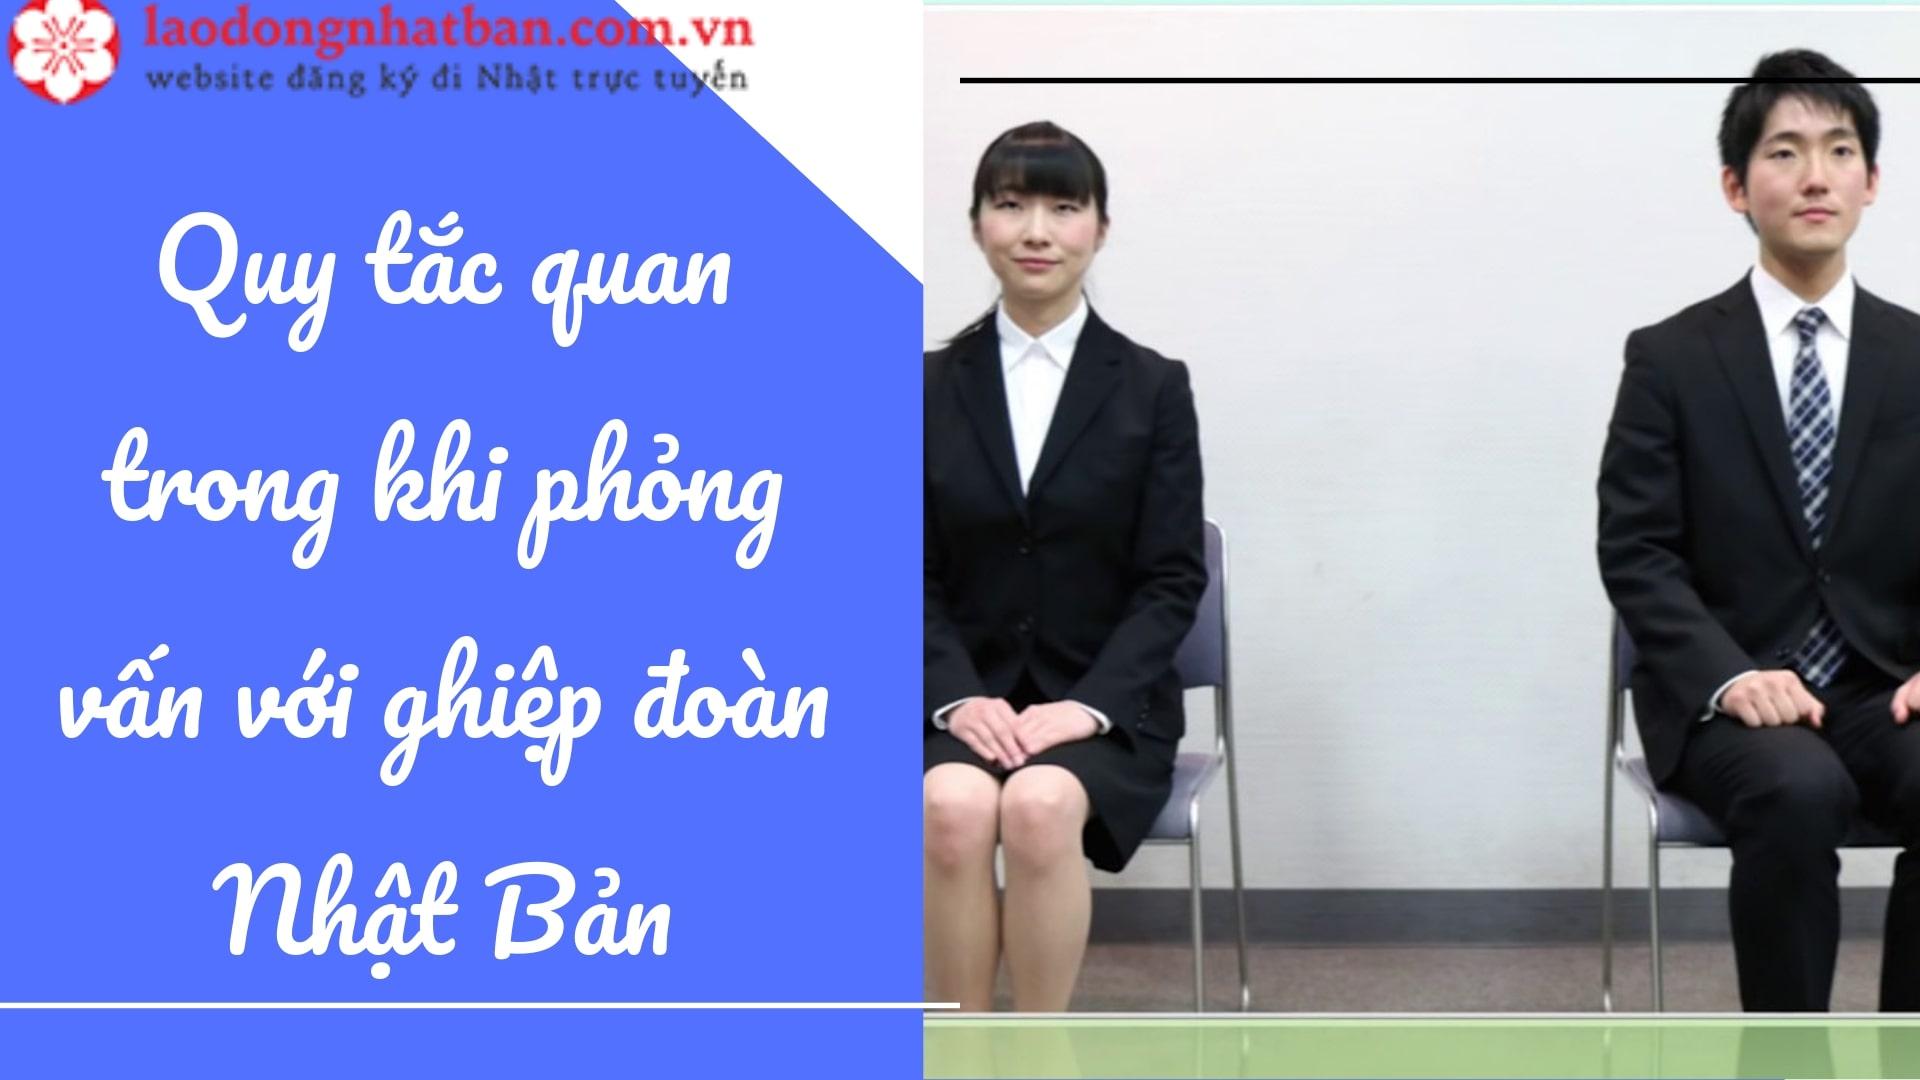 Quy tắc QUAN TRỌNG của nghiệp đoàn Nhật khi tuyển dụng nhân sự, bạn cần biết!